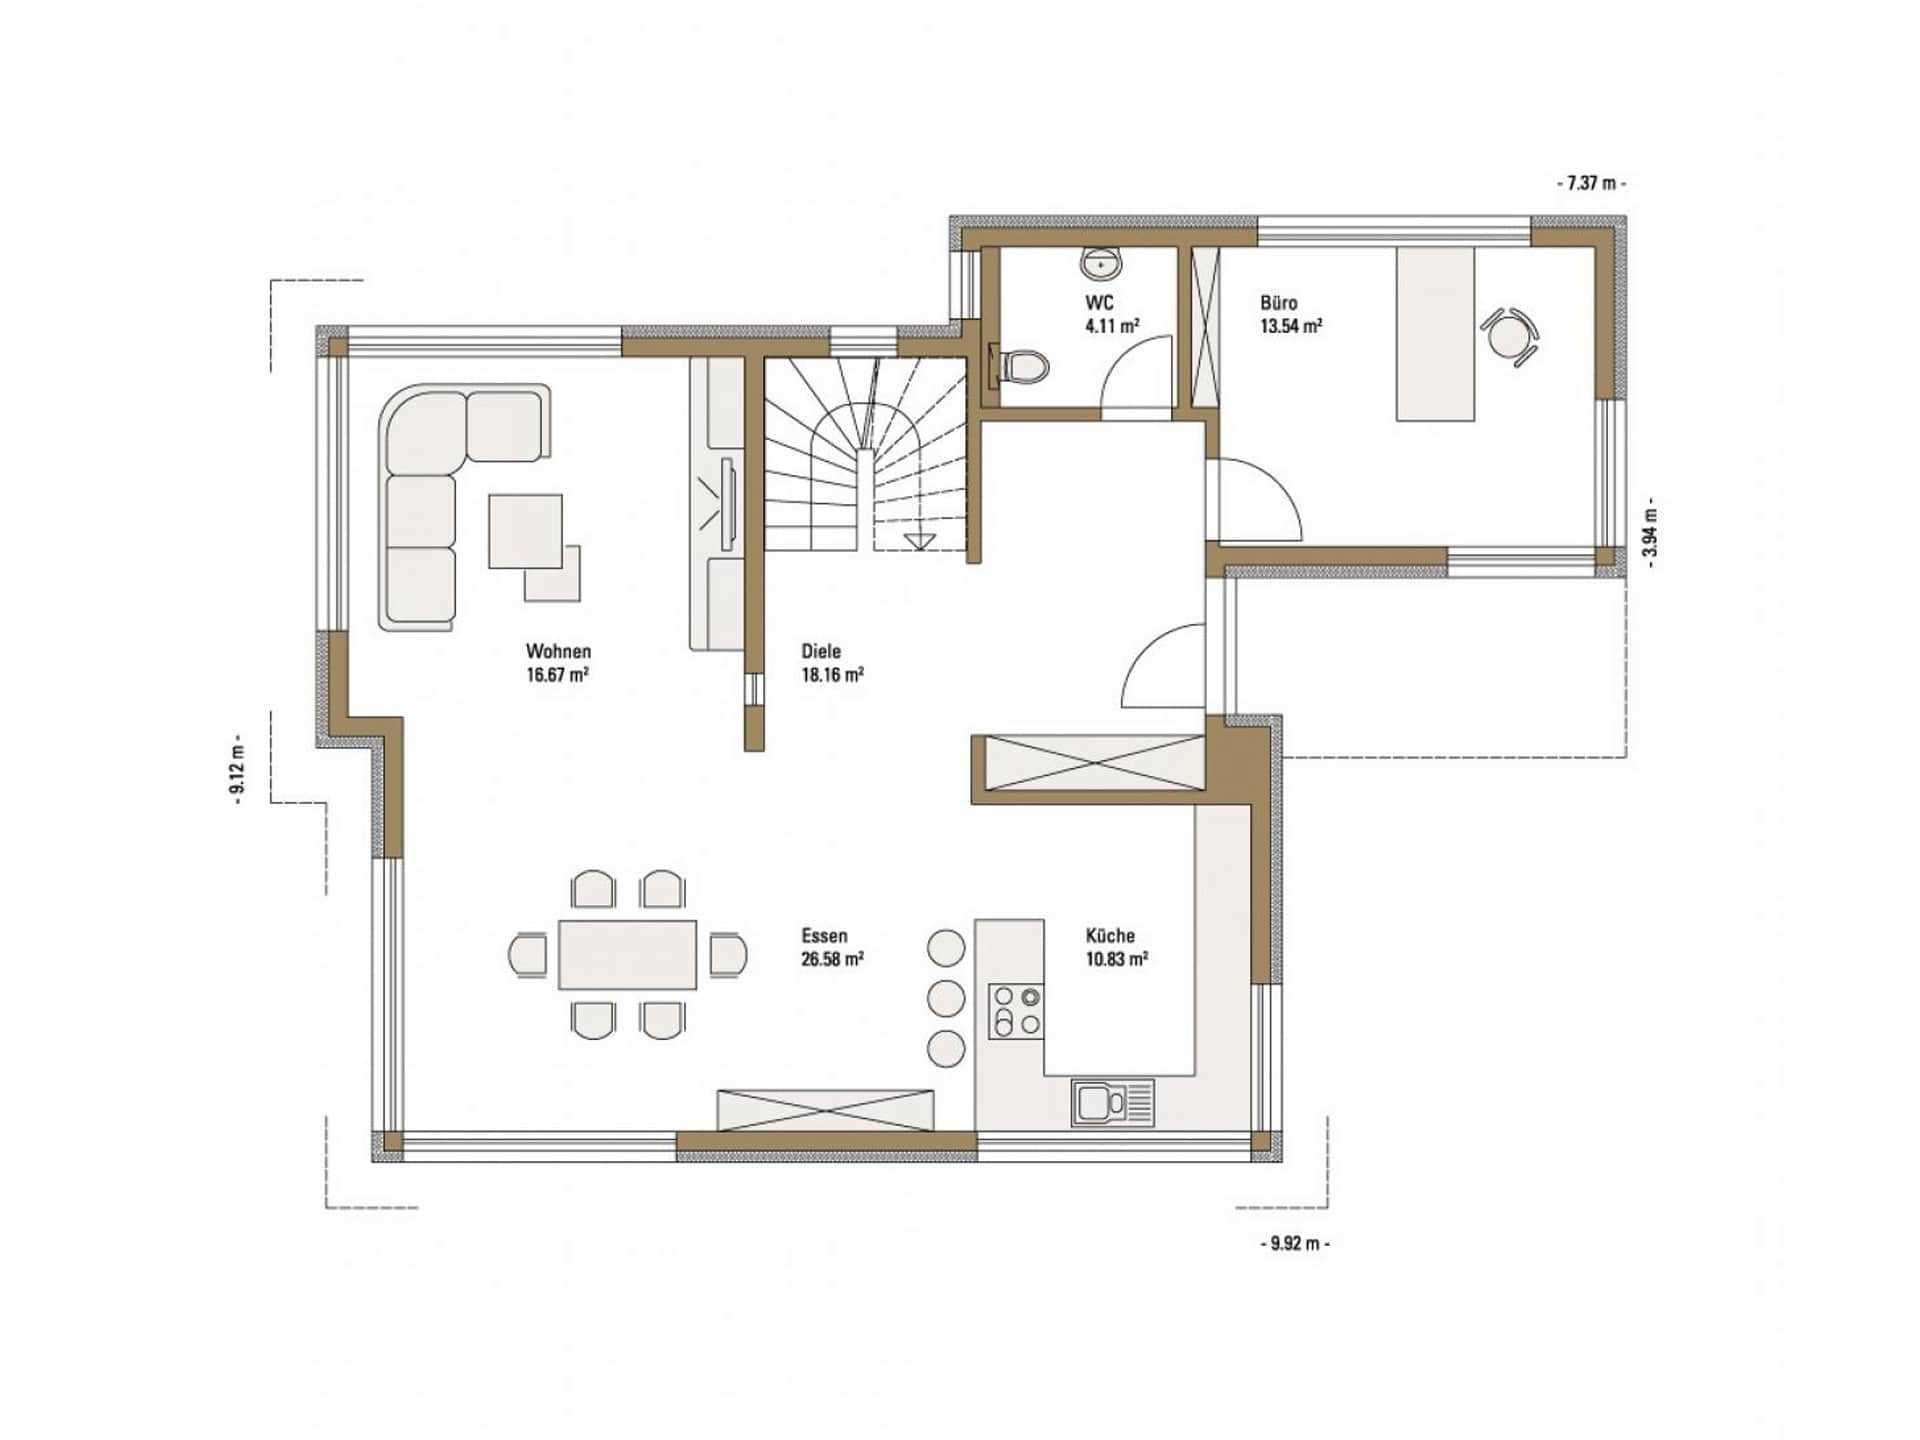 Fertighaus grundriss  Pultdachhaus bauen: Informationen und Erfahrungen